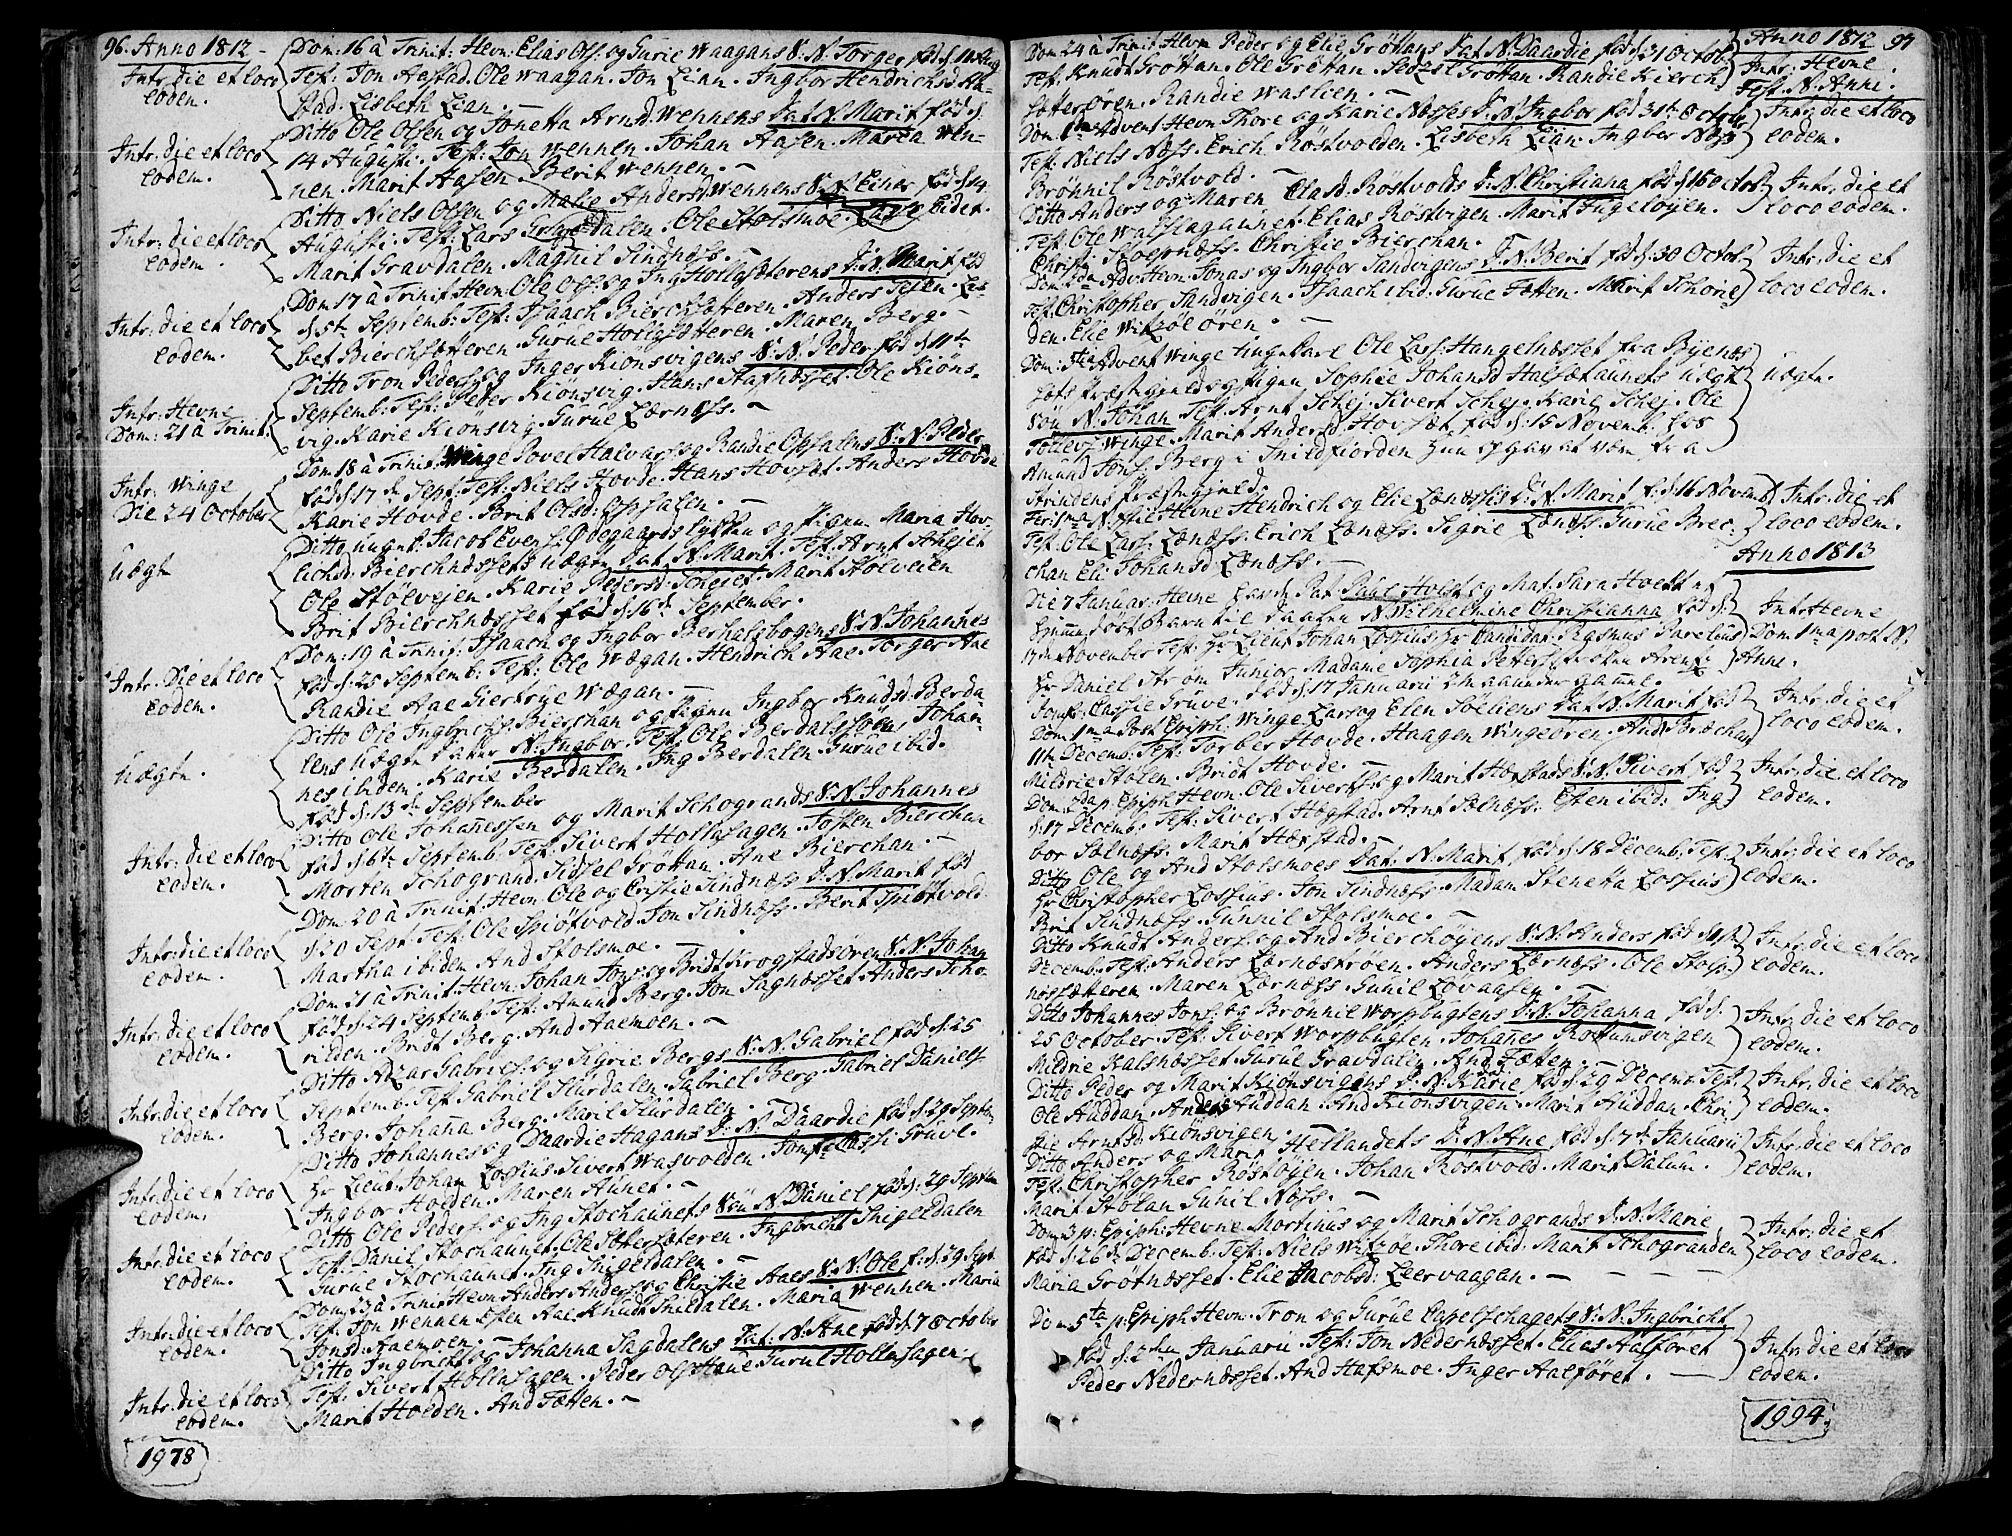 SAT, Ministerialprotokoller, klokkerbøker og fødselsregistre - Sør-Trøndelag, 630/L0490: Ministerialbok nr. 630A03, 1795-1818, s. 96-97